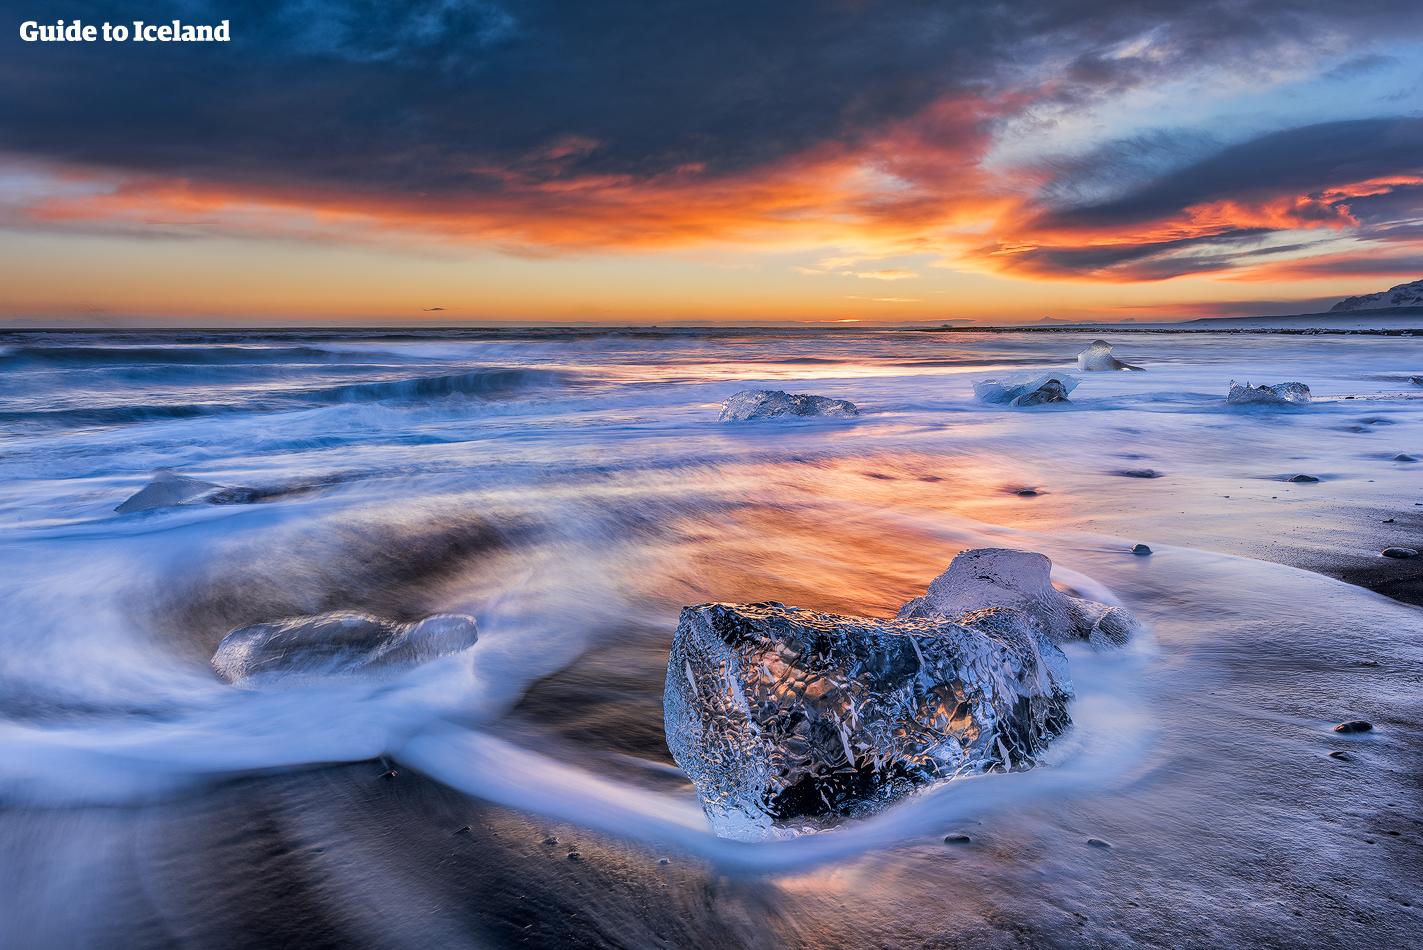 Бриллиантовый пляж - часть побережья на юге Исландии, куда вымывает обломки ледников.